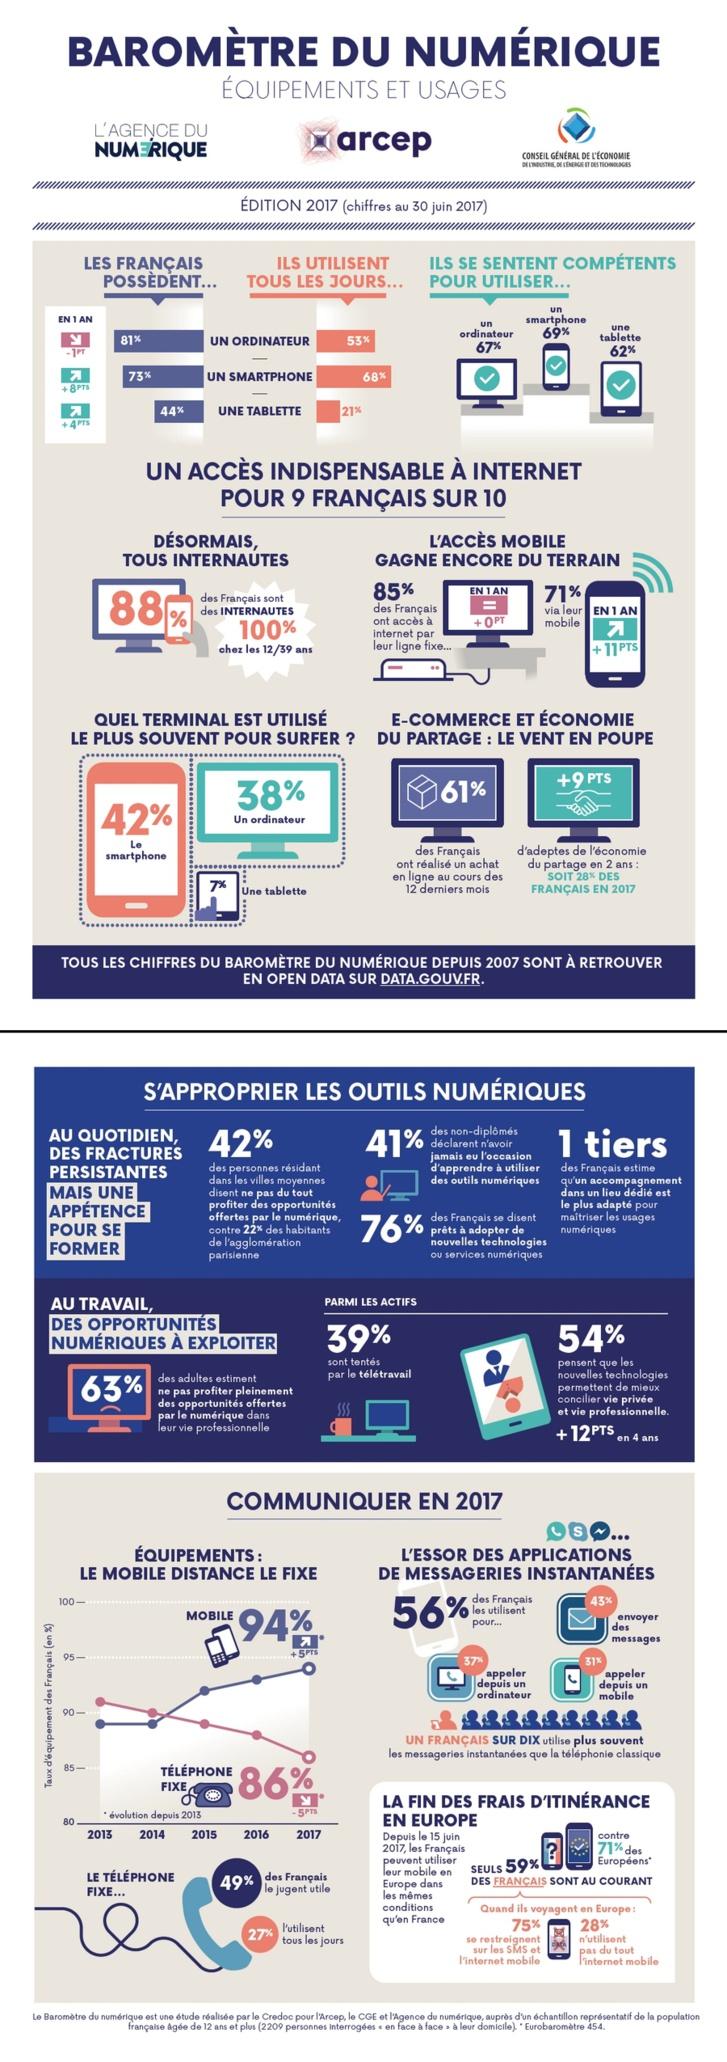 Le baromètre du numérique 2017